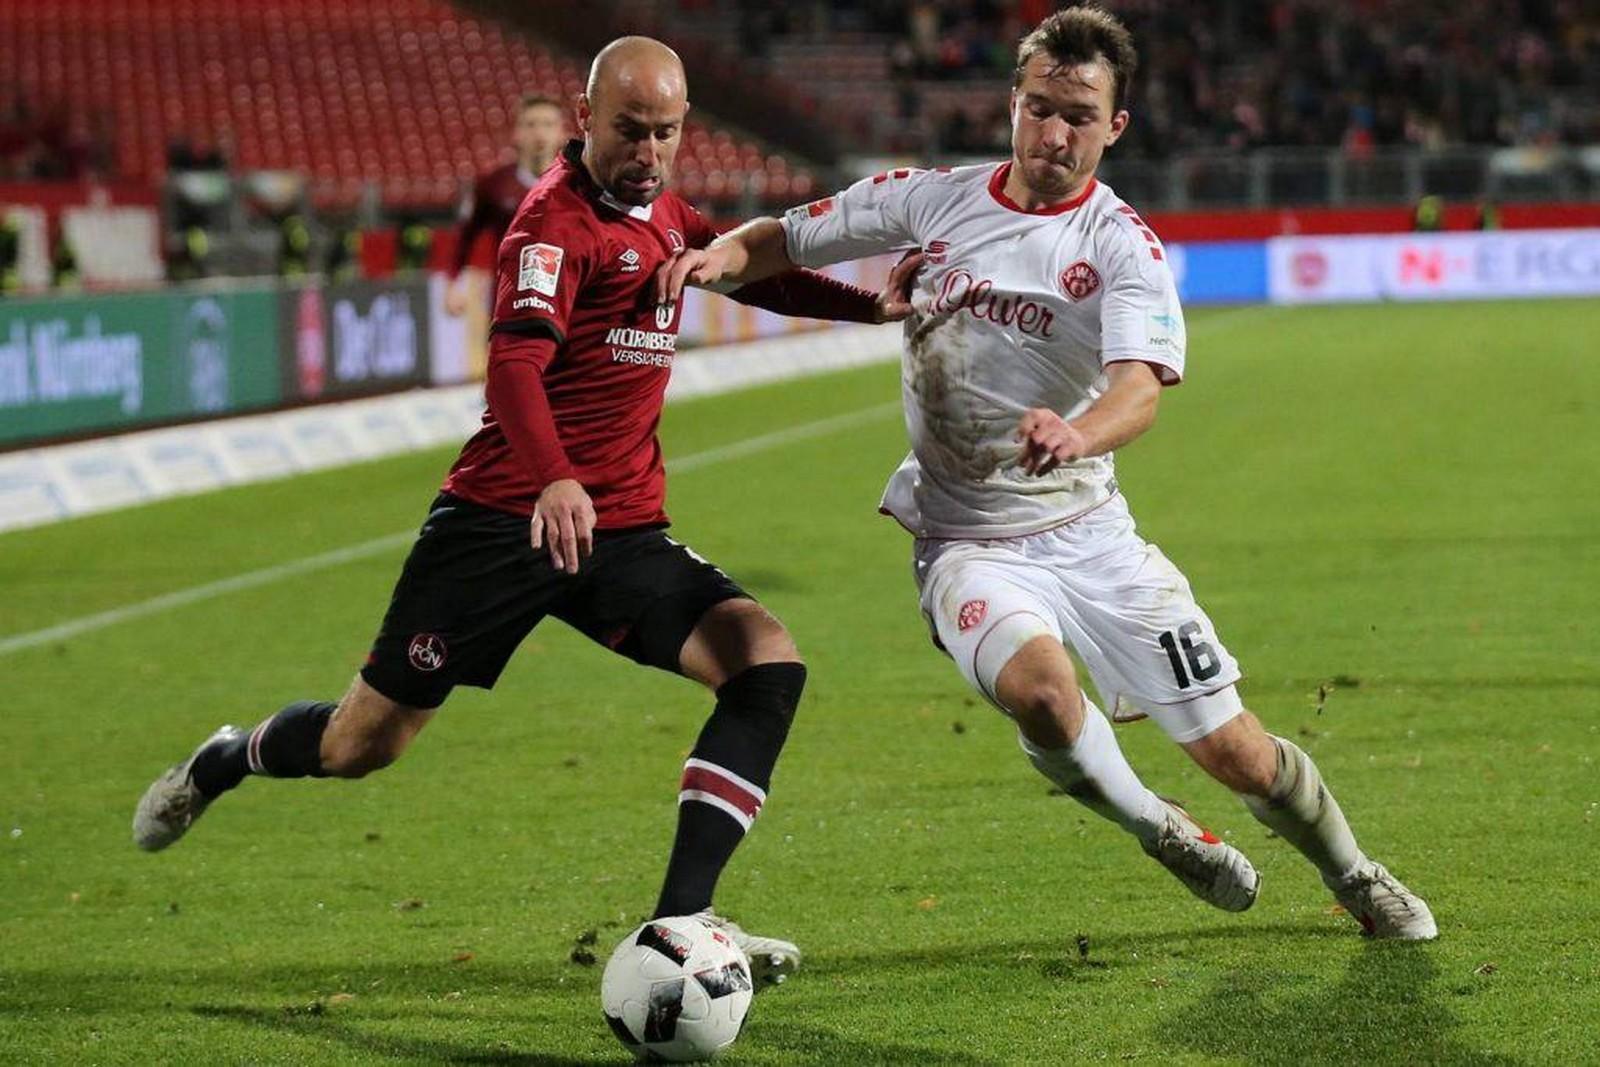 Peter Kurzweg von den Würzburger Kickers gegen Miso Brecko vom 1. FC Nürnberg